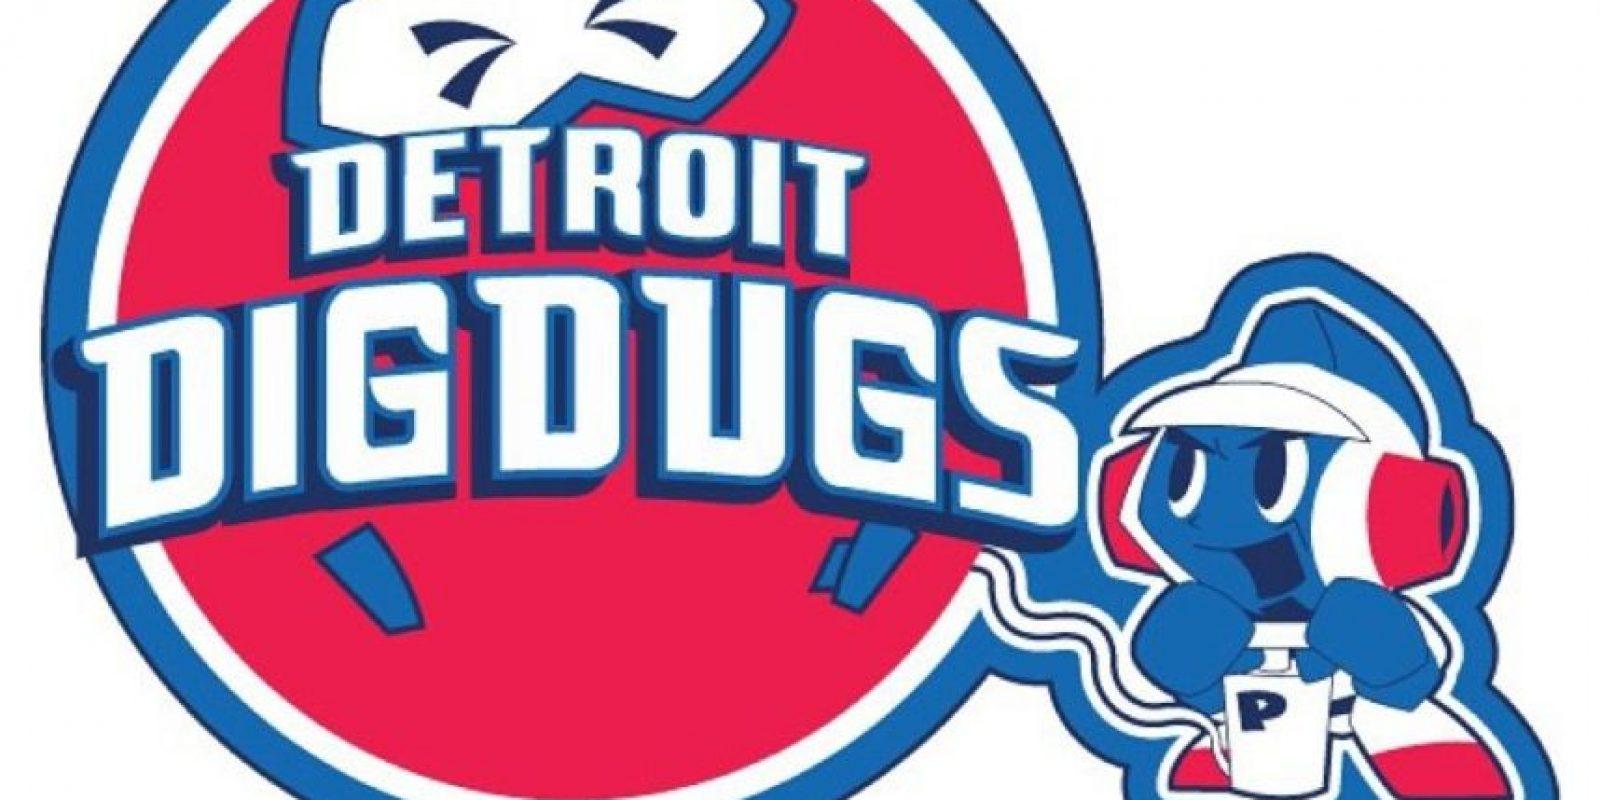 """""""Dig Dug"""" en el logo de Detroit Pistons. Foto:instagram.com/ak47_studios"""